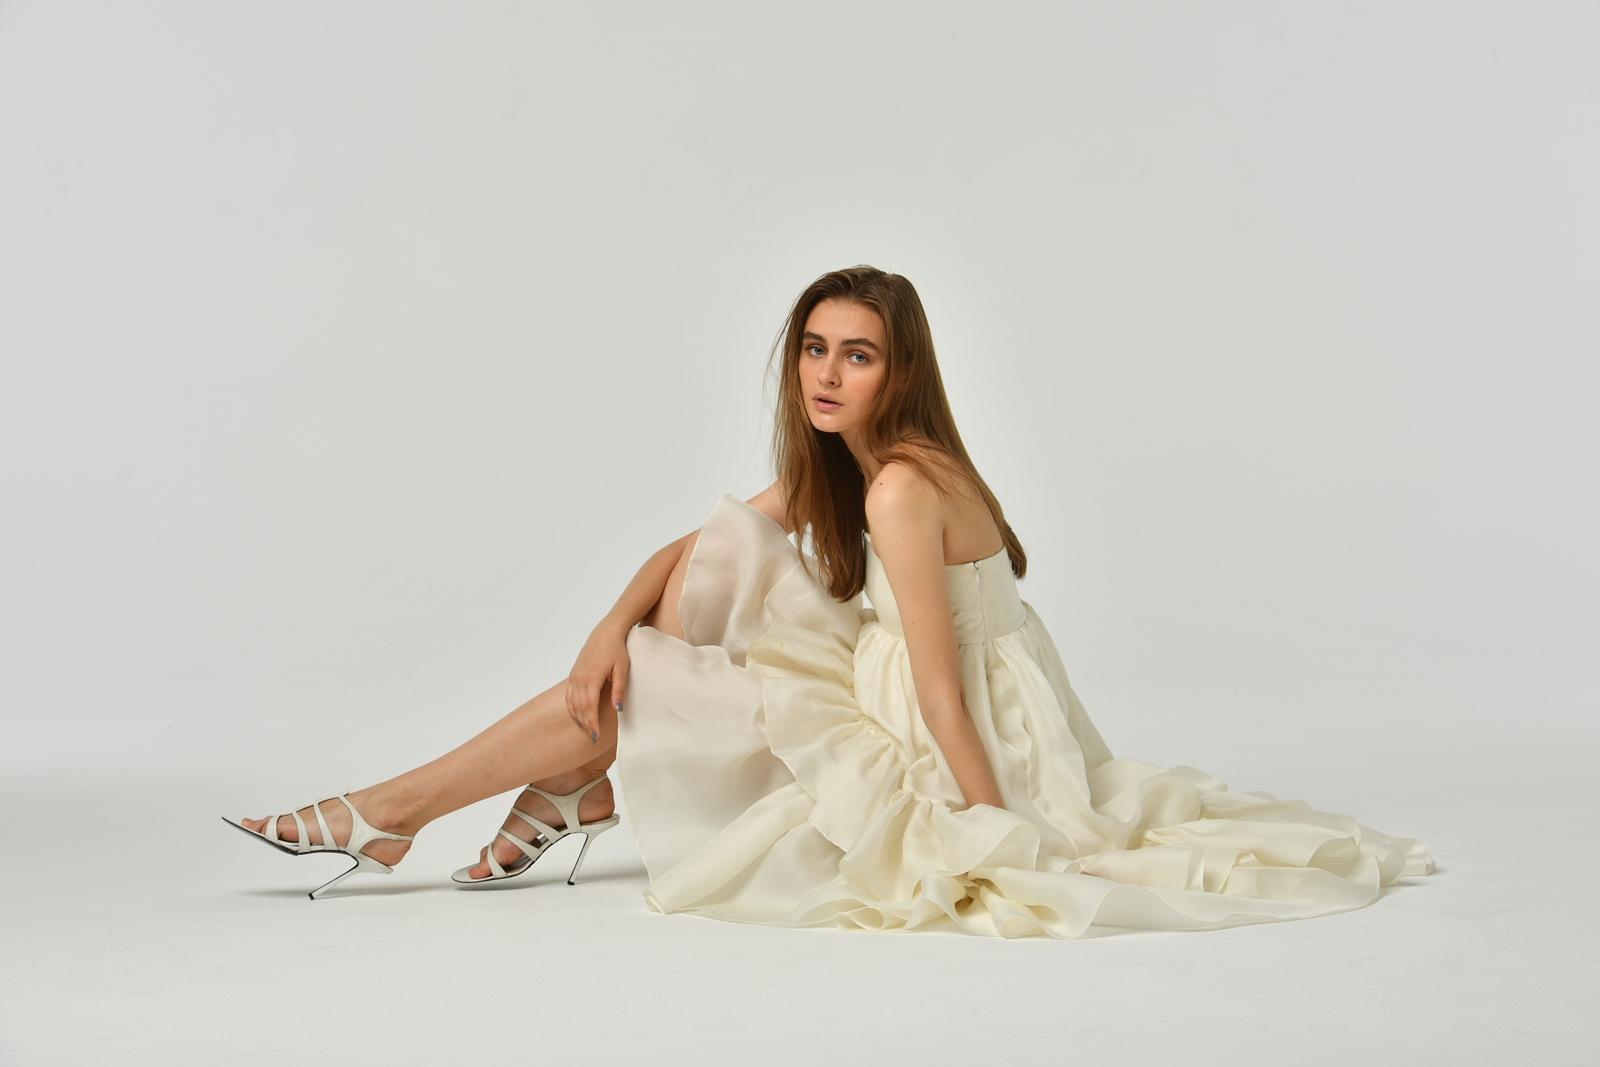 おしゃれな花嫁様にはシンプルな2次会ドレスがおすすめ。